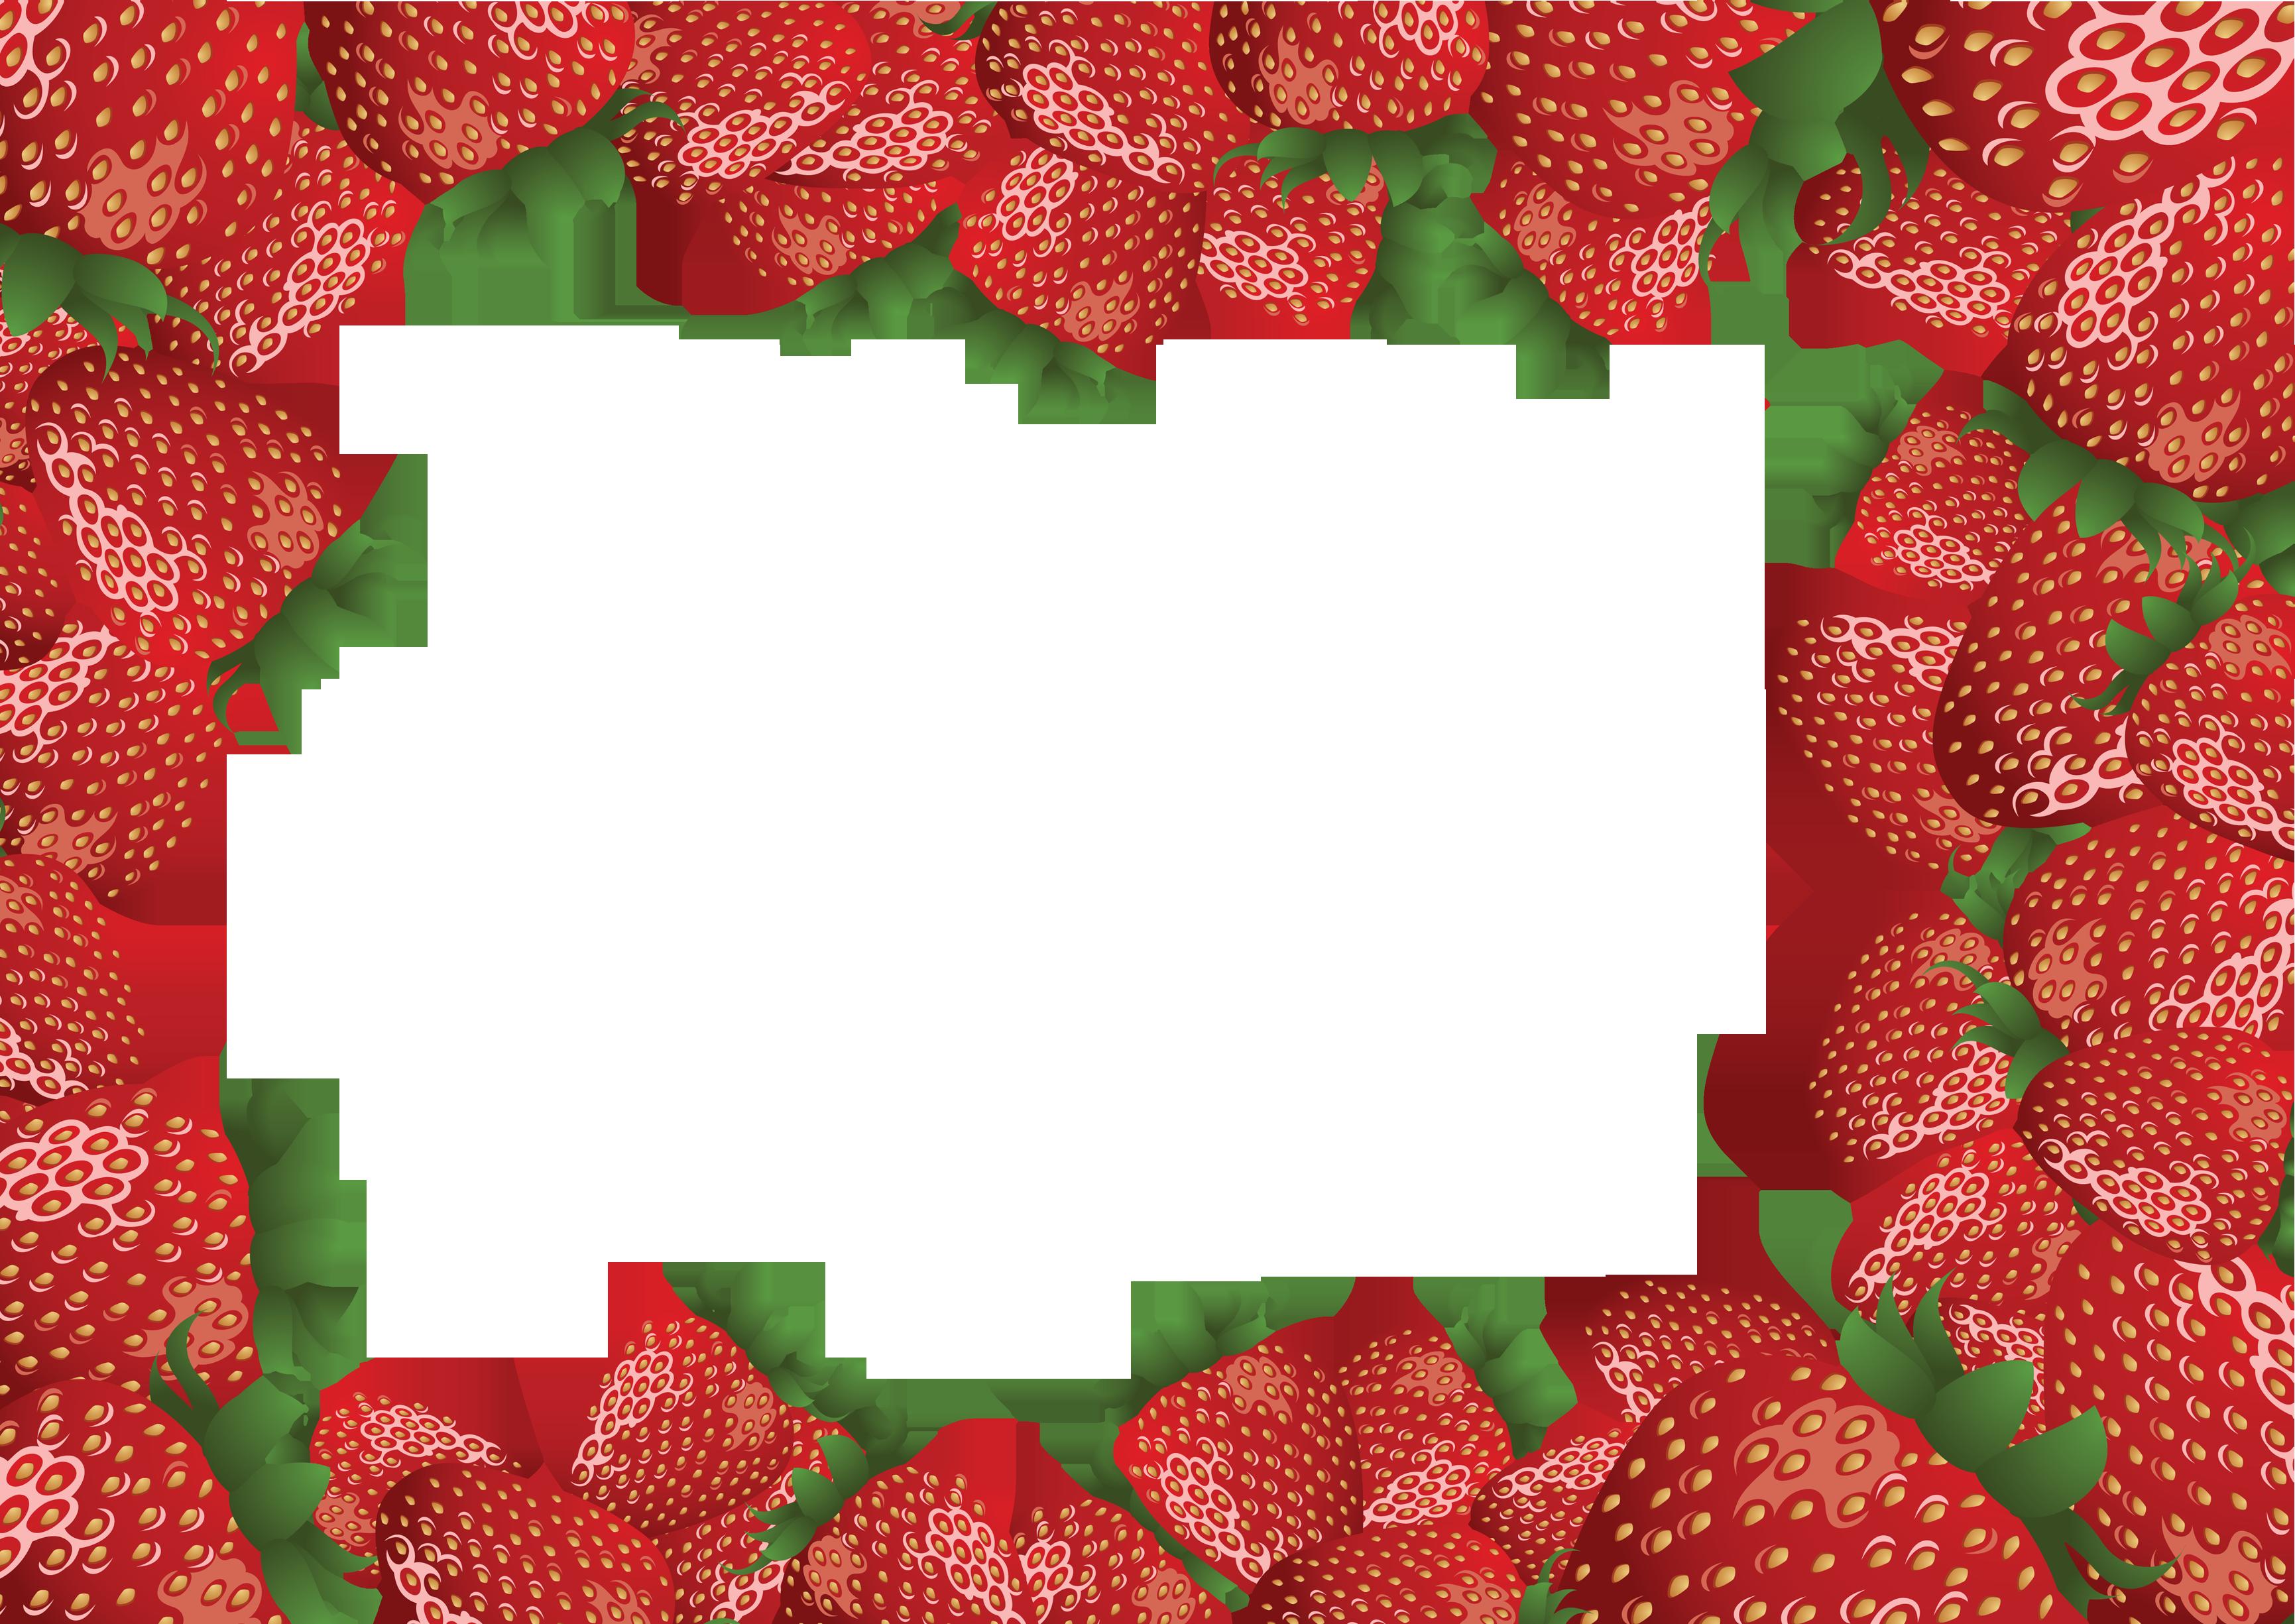 красивый фон для открытки ягоды рисунку фрезы фасадах